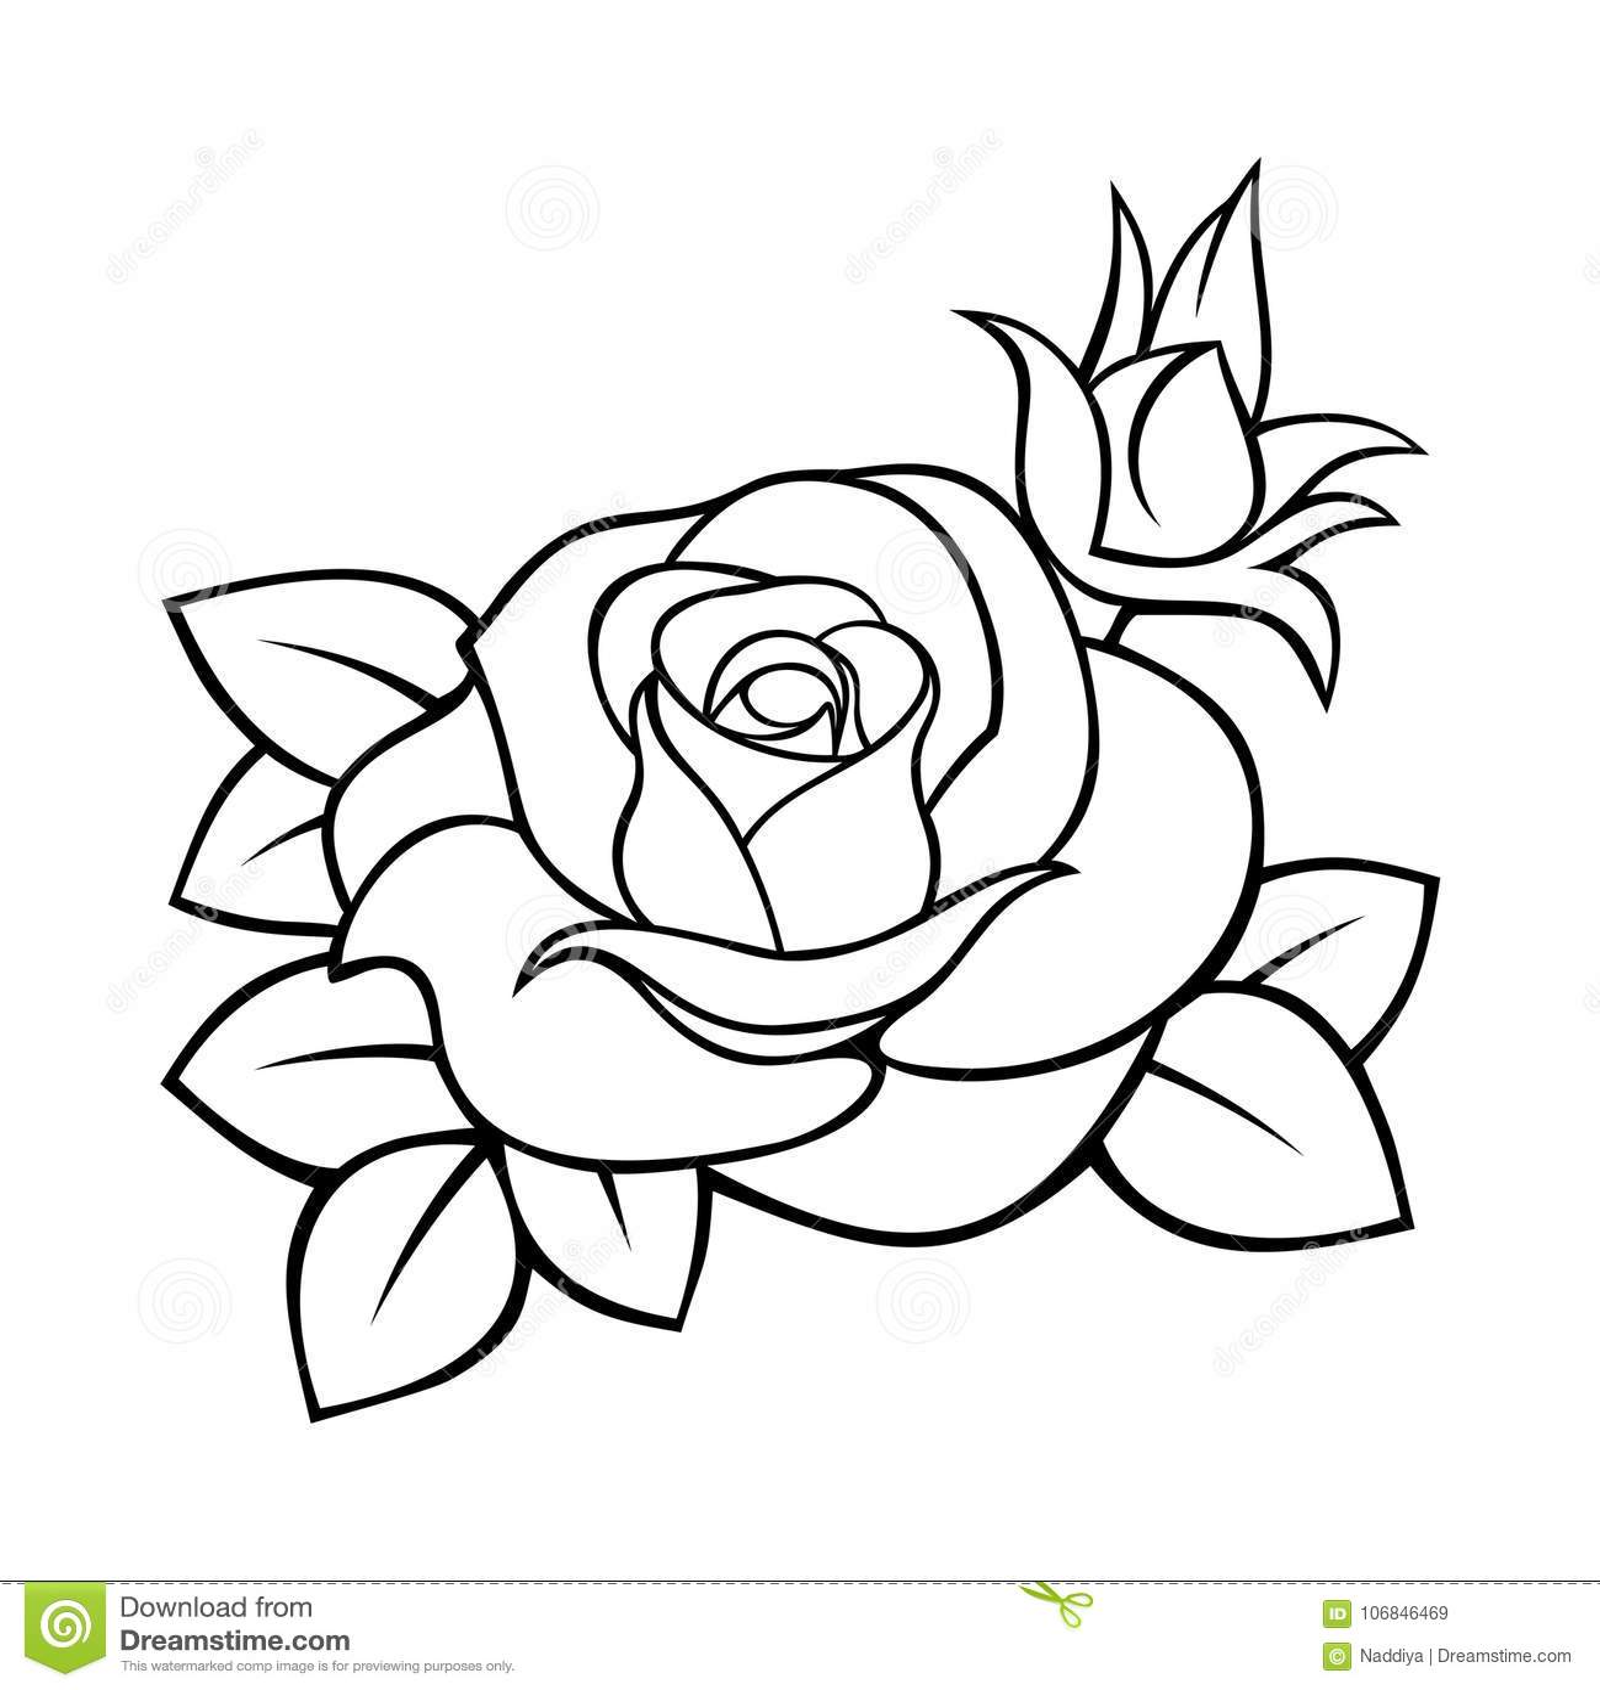 Rose Dessin Noir Et Blanc De Decoupe De Vecteur Illustration De